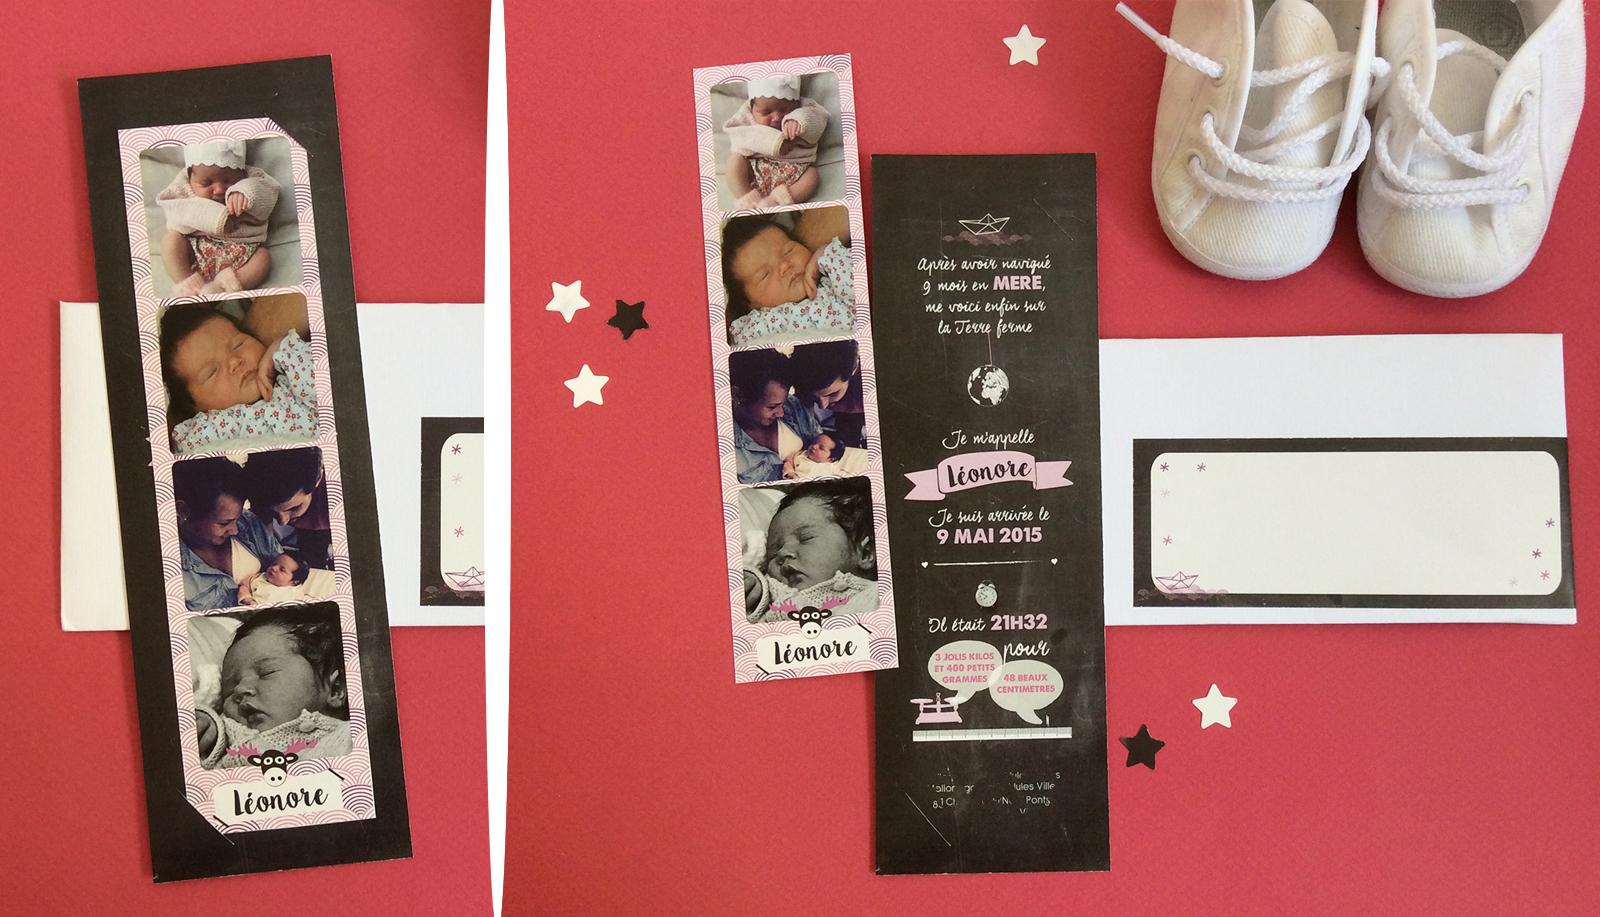 arr te de r ver faire part les nouveaux faire part de naissance photomaton ins r dans un carton. Black Bedroom Furniture Sets. Home Design Ideas